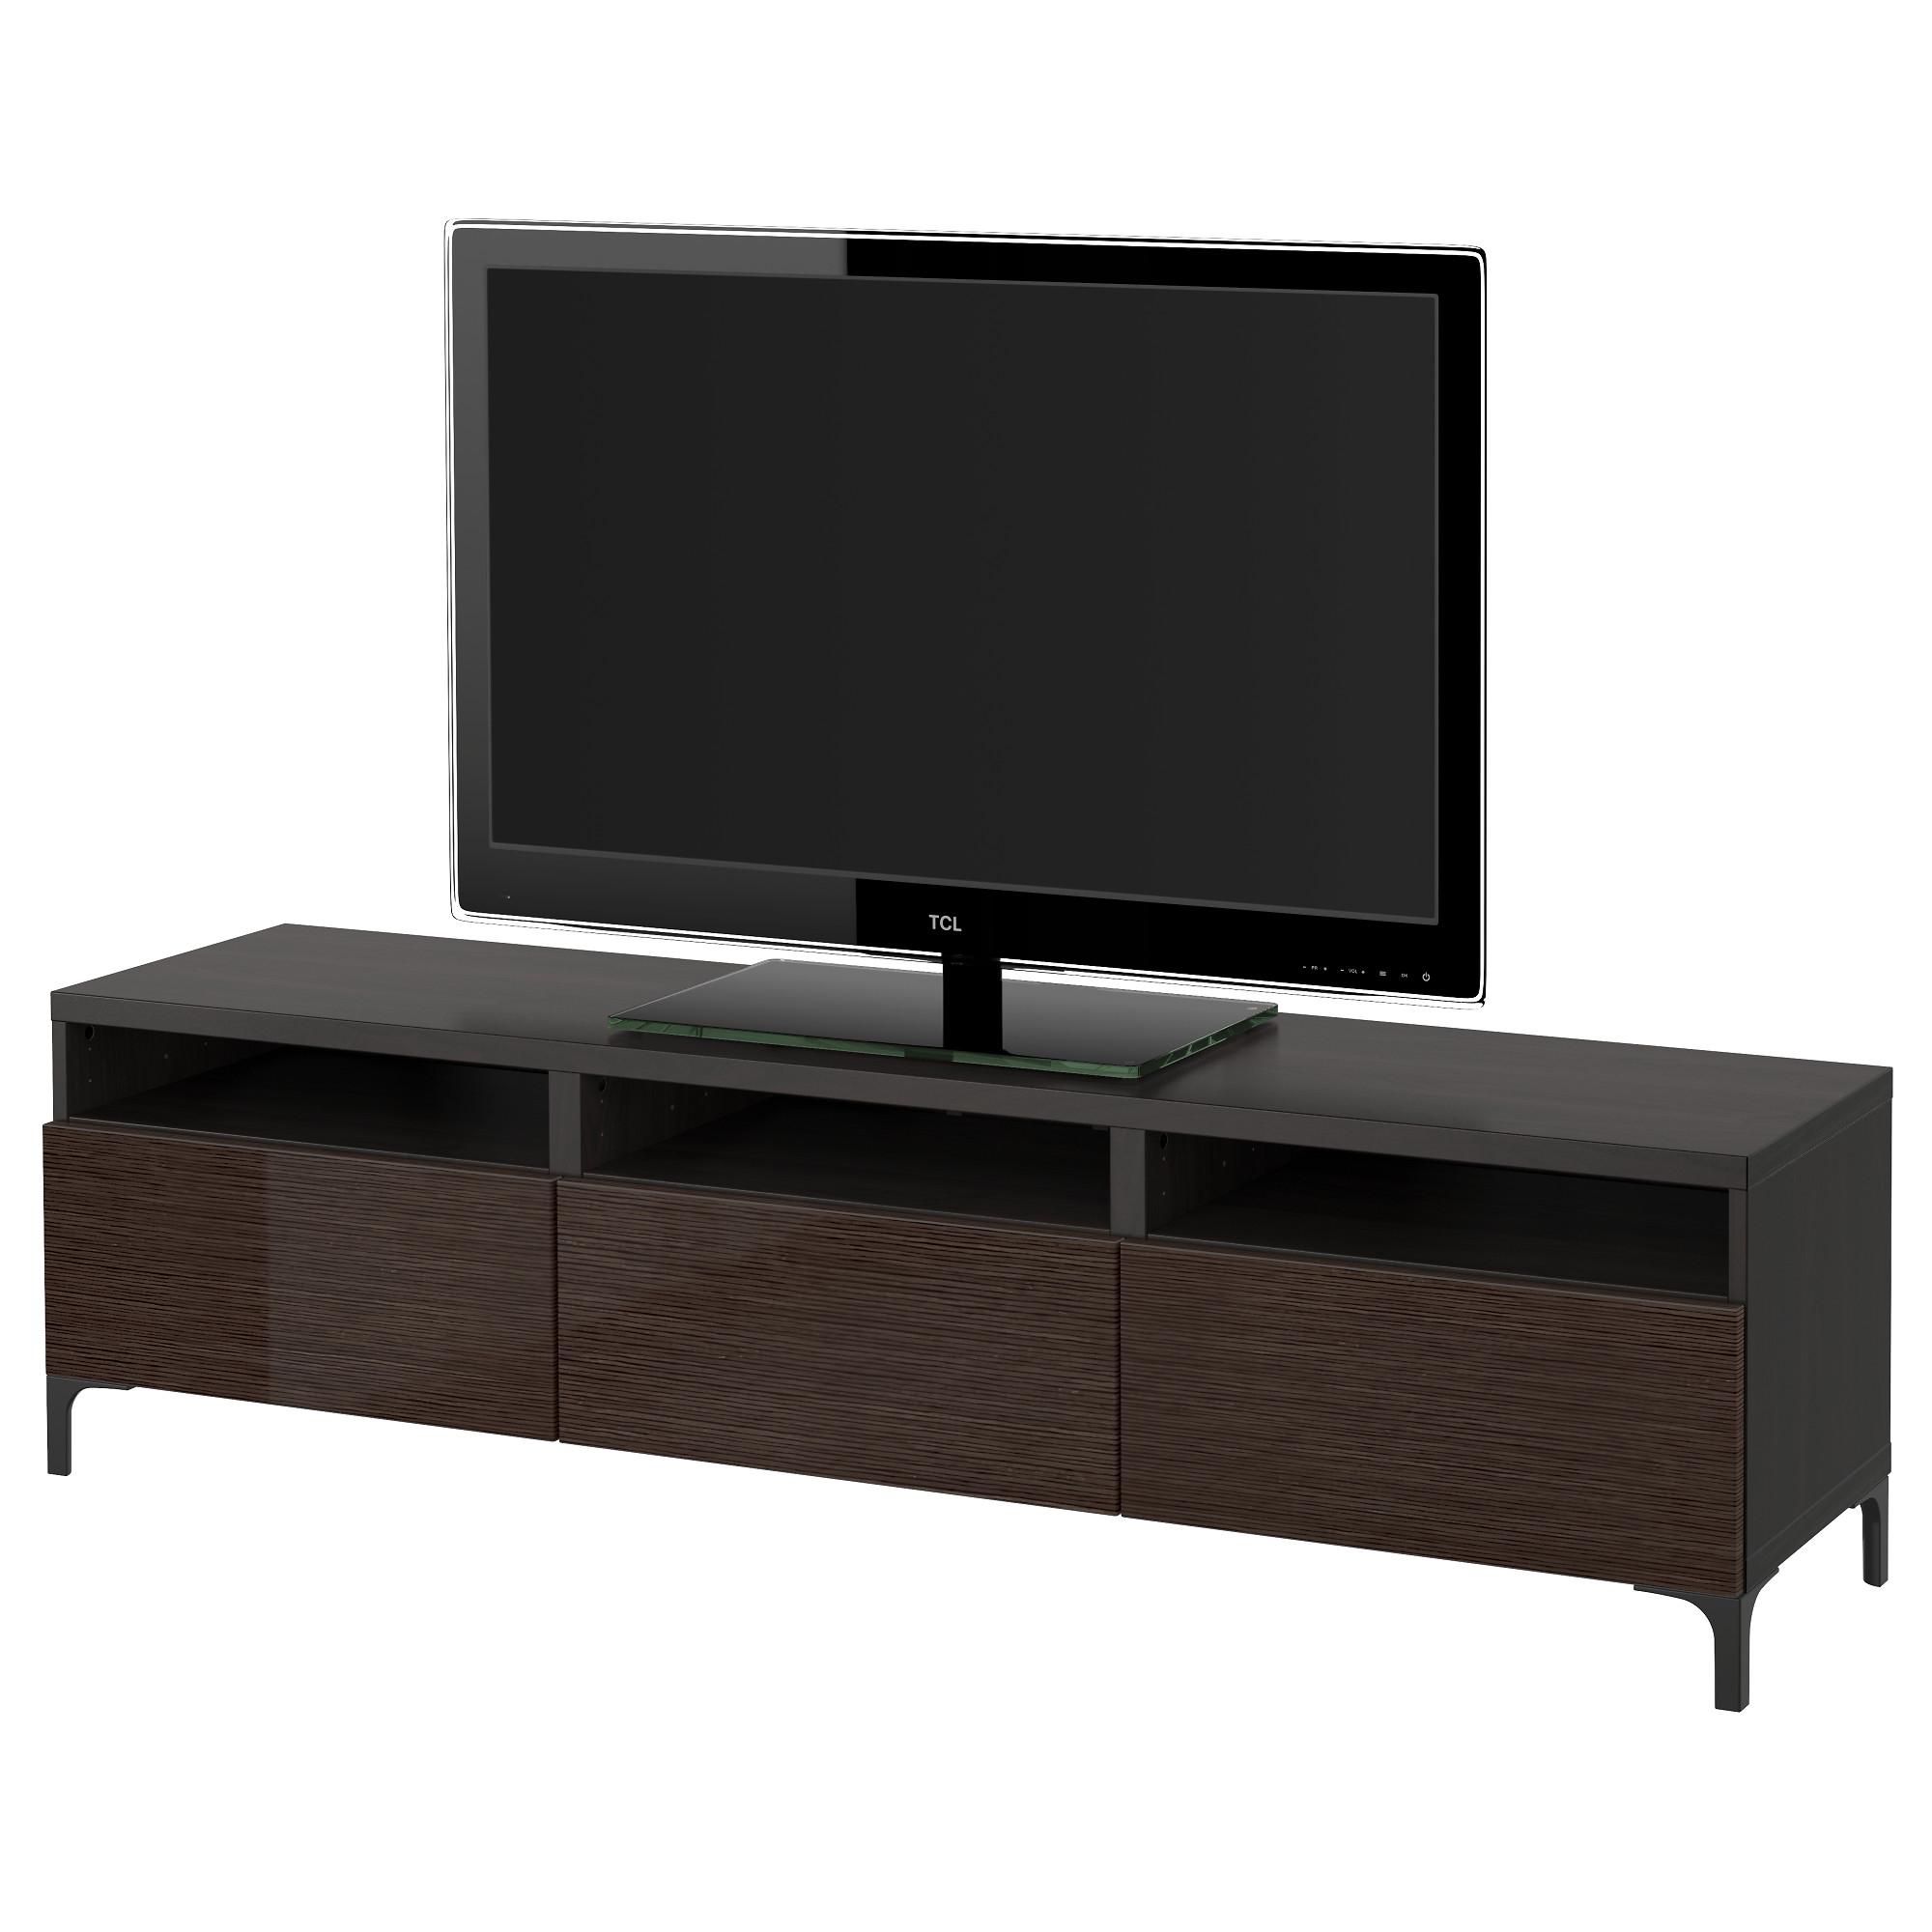 Тумба для ТВ с ящиками БЕСТО, черно-коричневый, Сельсвикен глянцевый/коричневый (180x40x48 см)